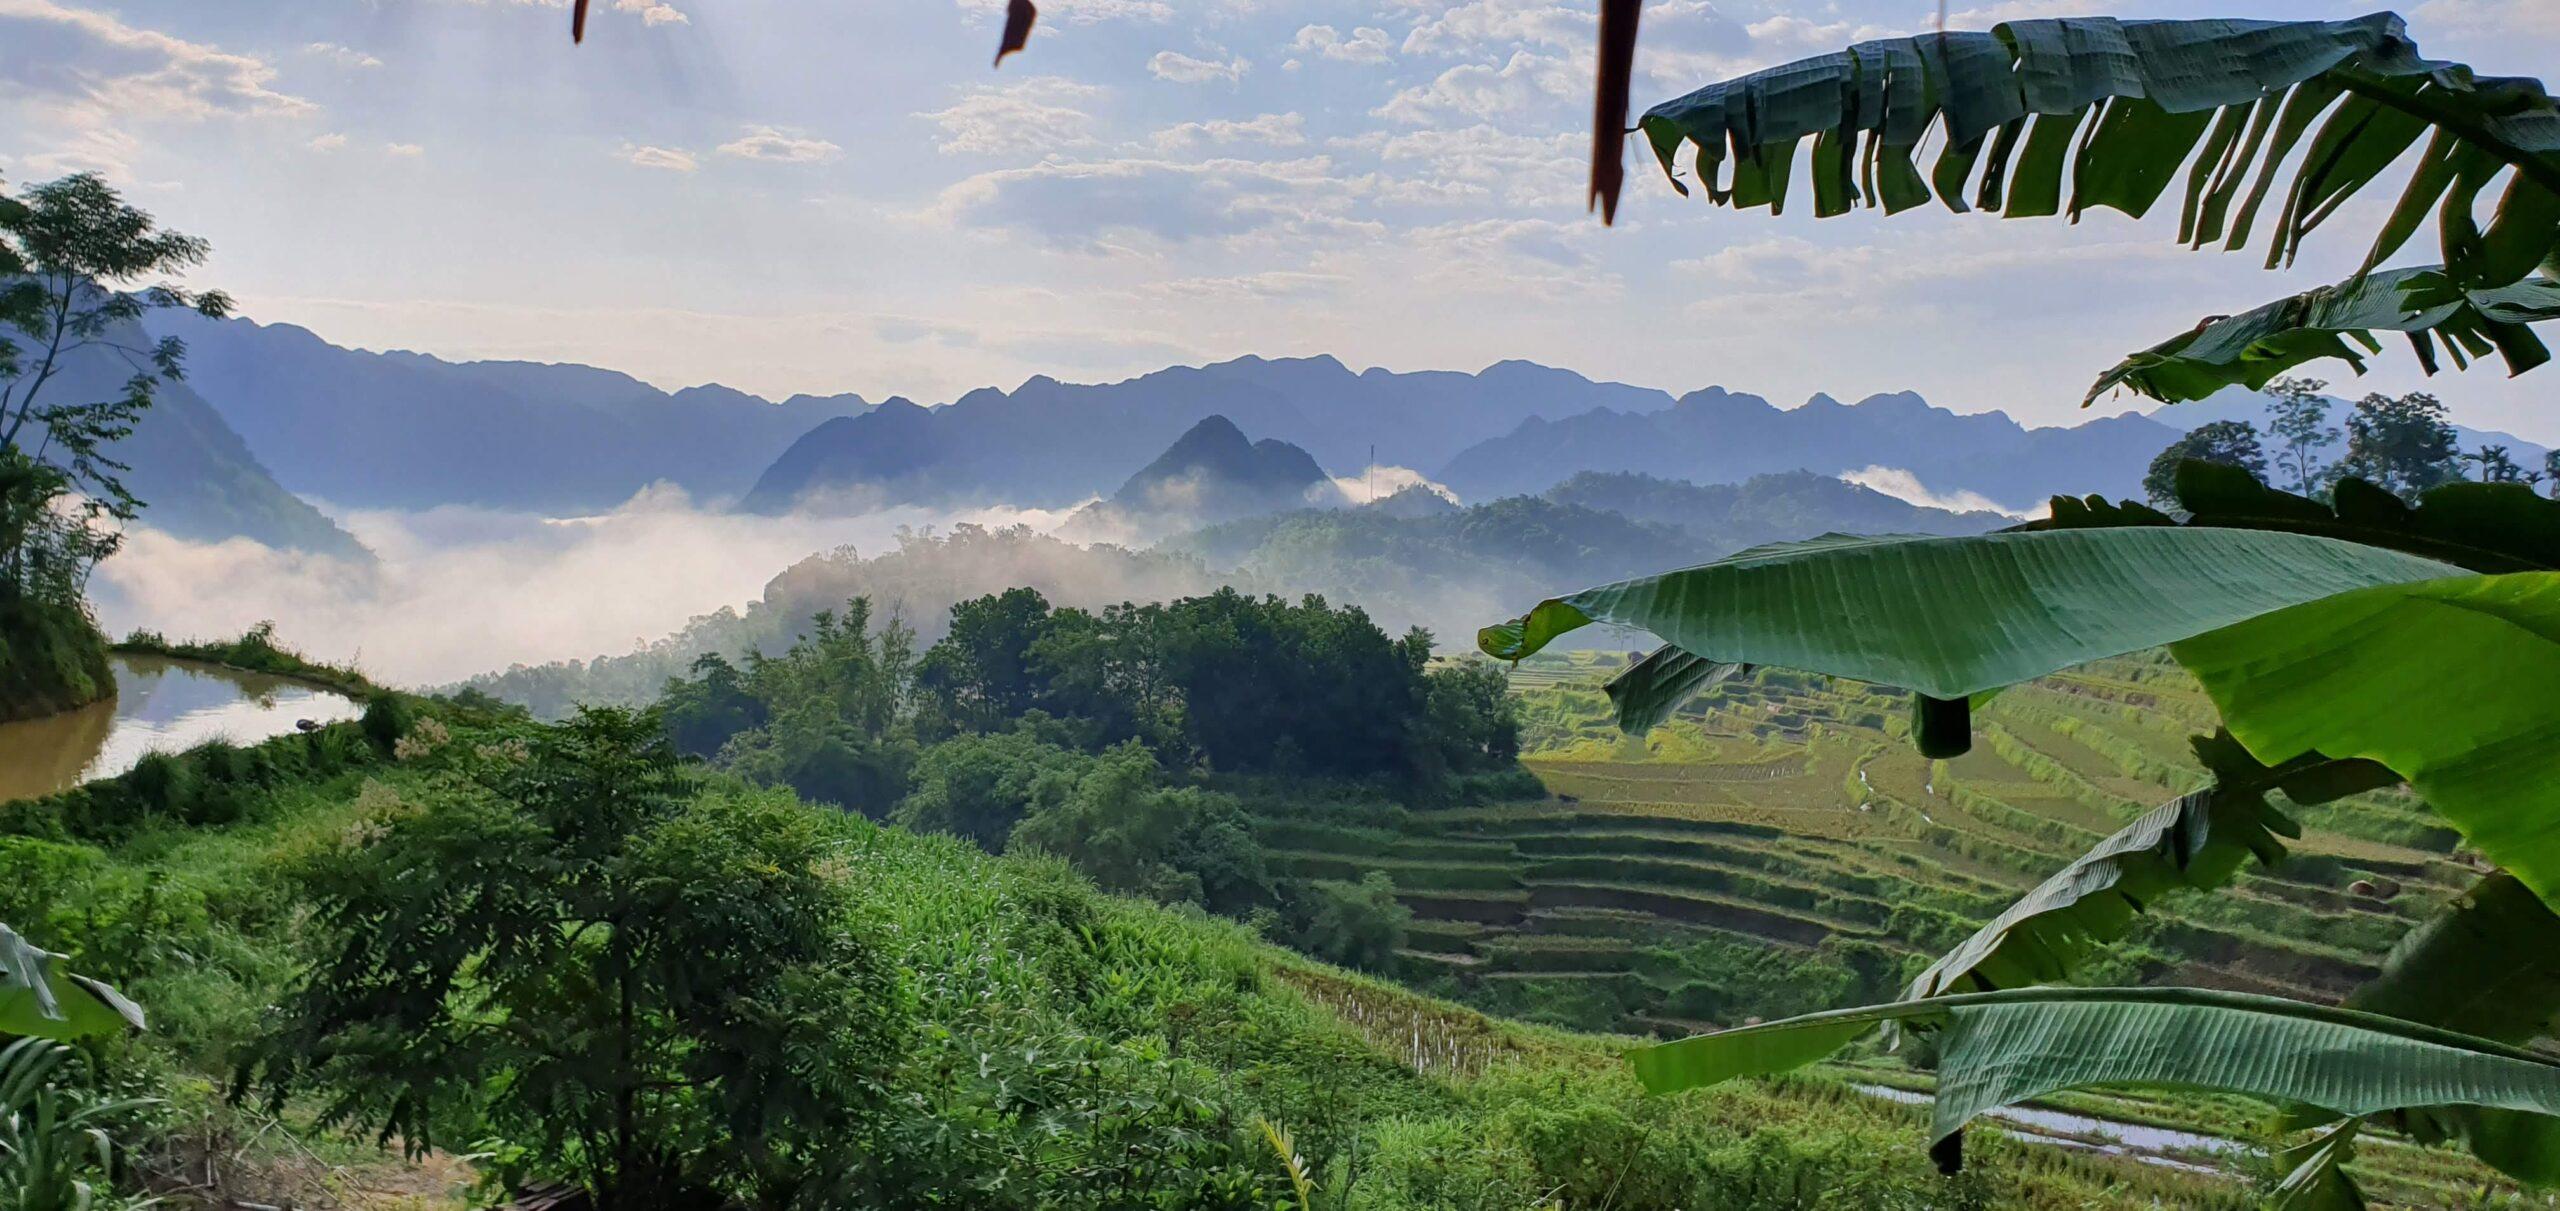 Quel est le meilleur moment pour se rendre dans la réserve naturelle de Pu Luong